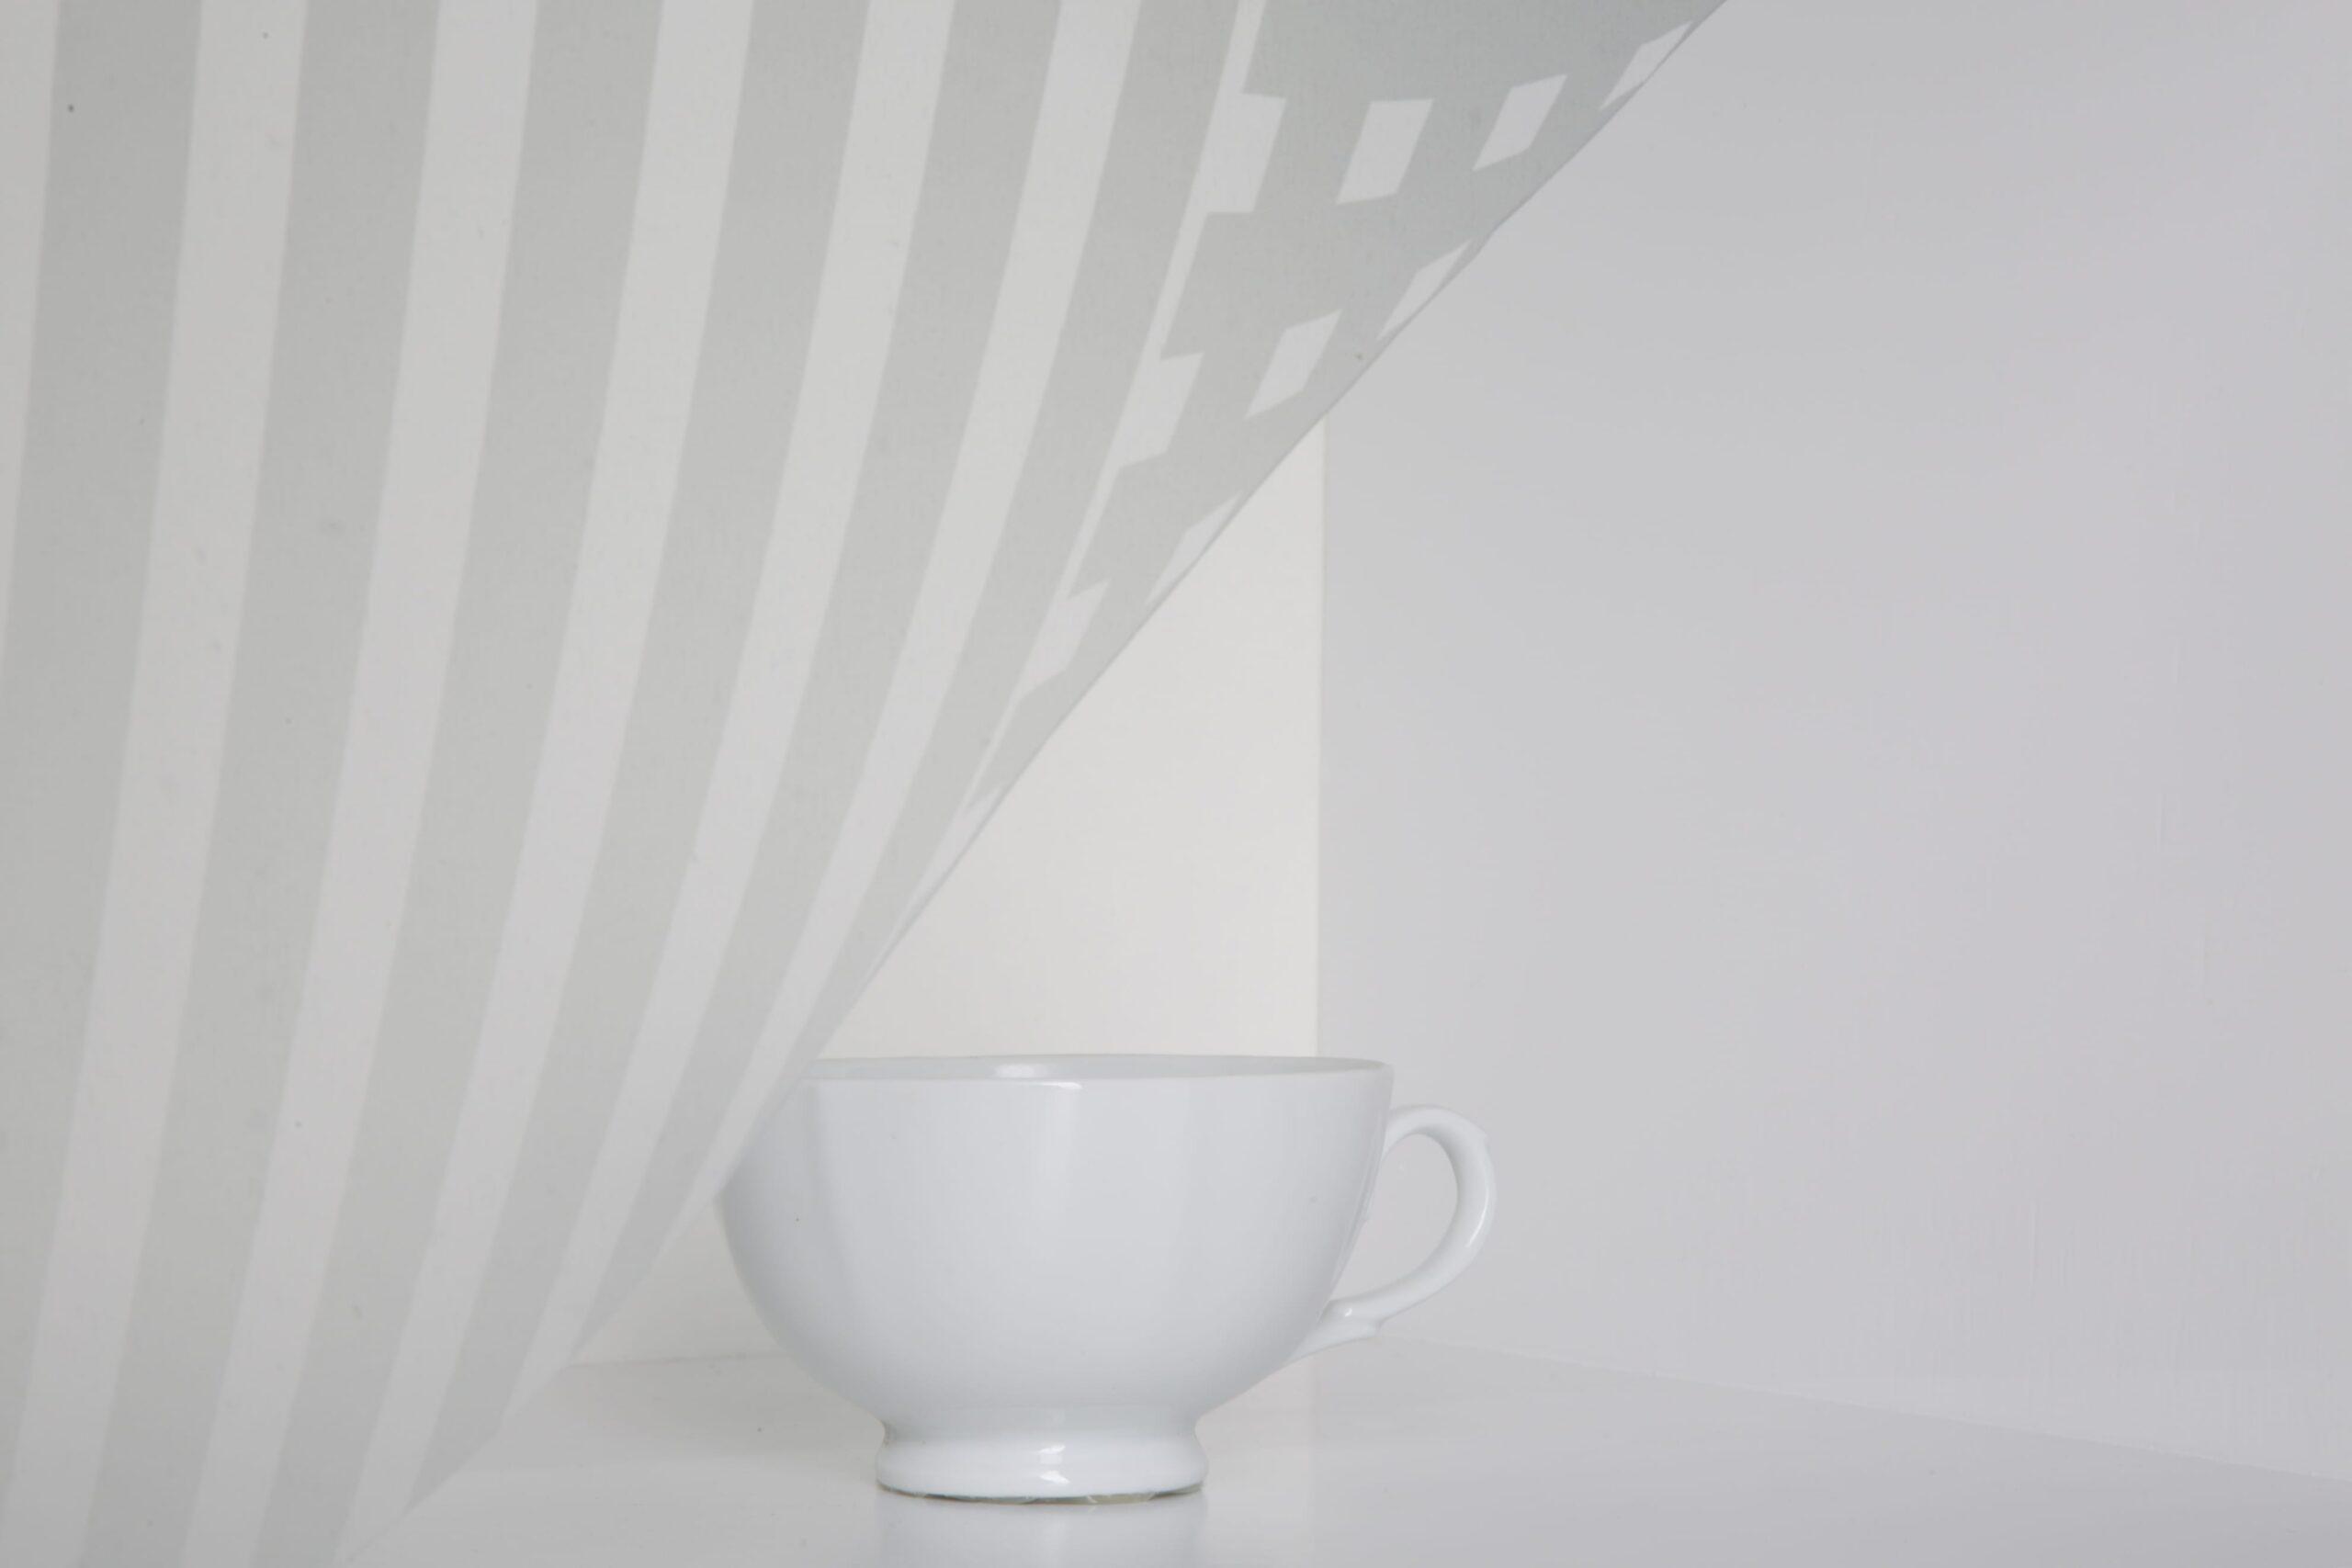 cuptales wenn tassen geschichten erz hlen tellerrand blog ber messearchitektur und. Black Bedroom Furniture Sets. Home Design Ideas